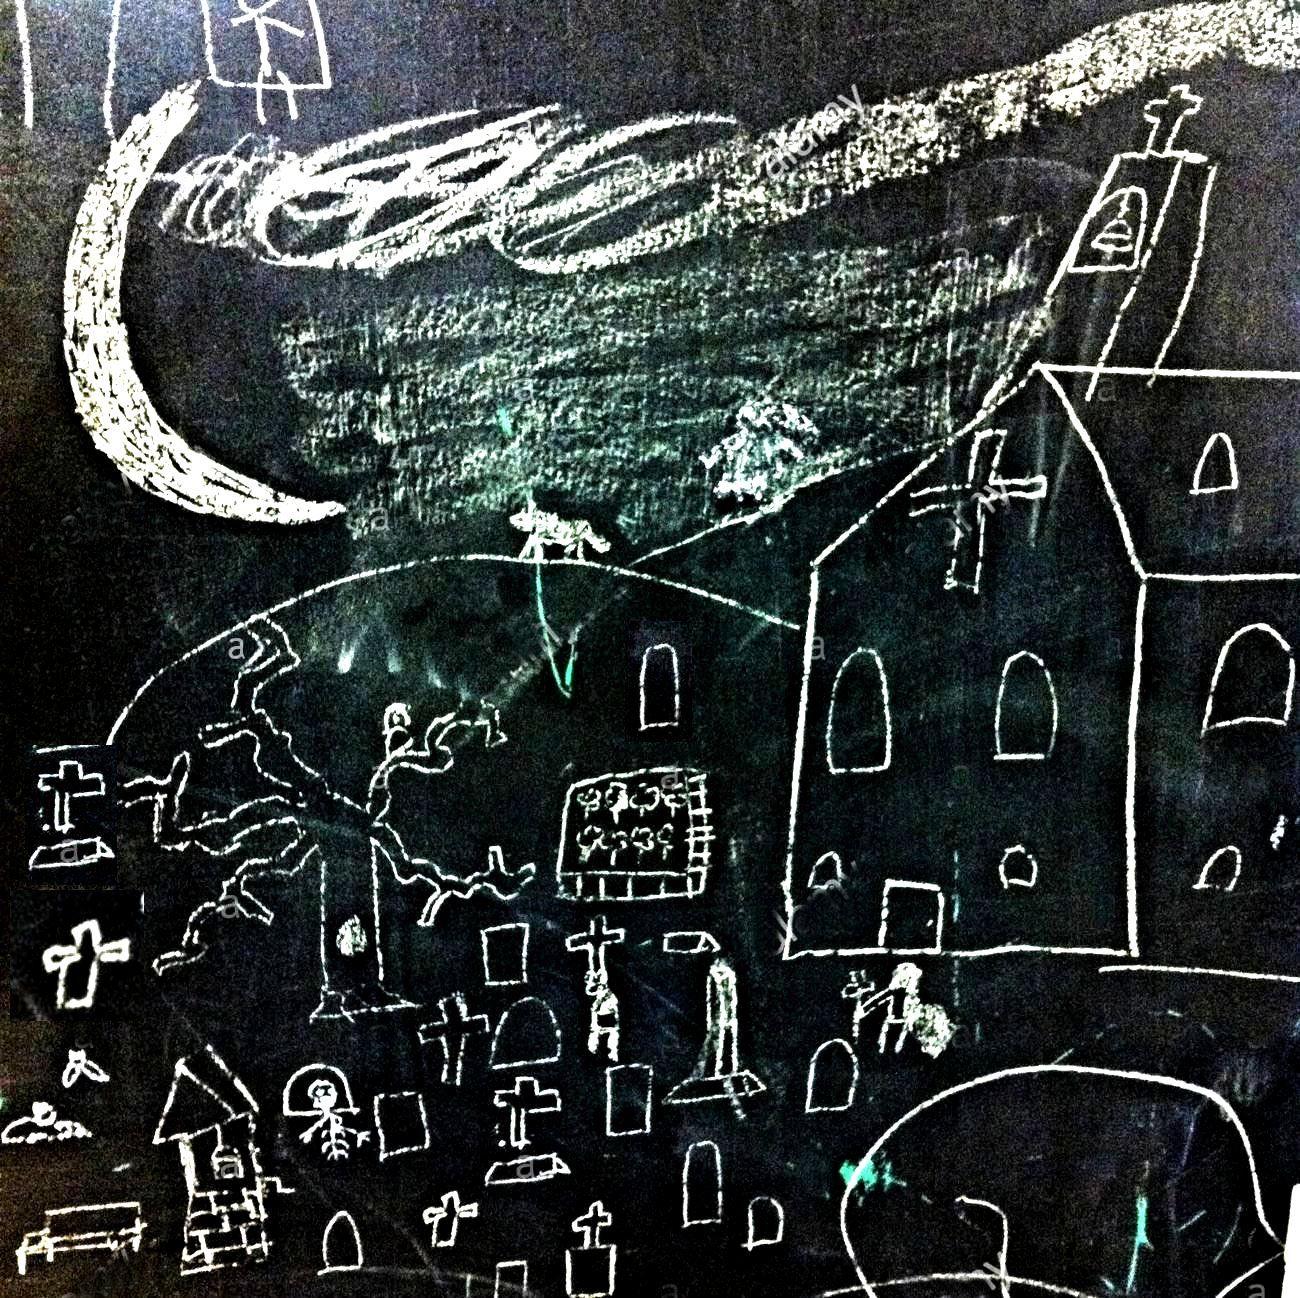 un-bambino-e-il-disegno-di-una-chiesa-e-di-un-cimitero-su-una-scheda-di-chalk-s02026